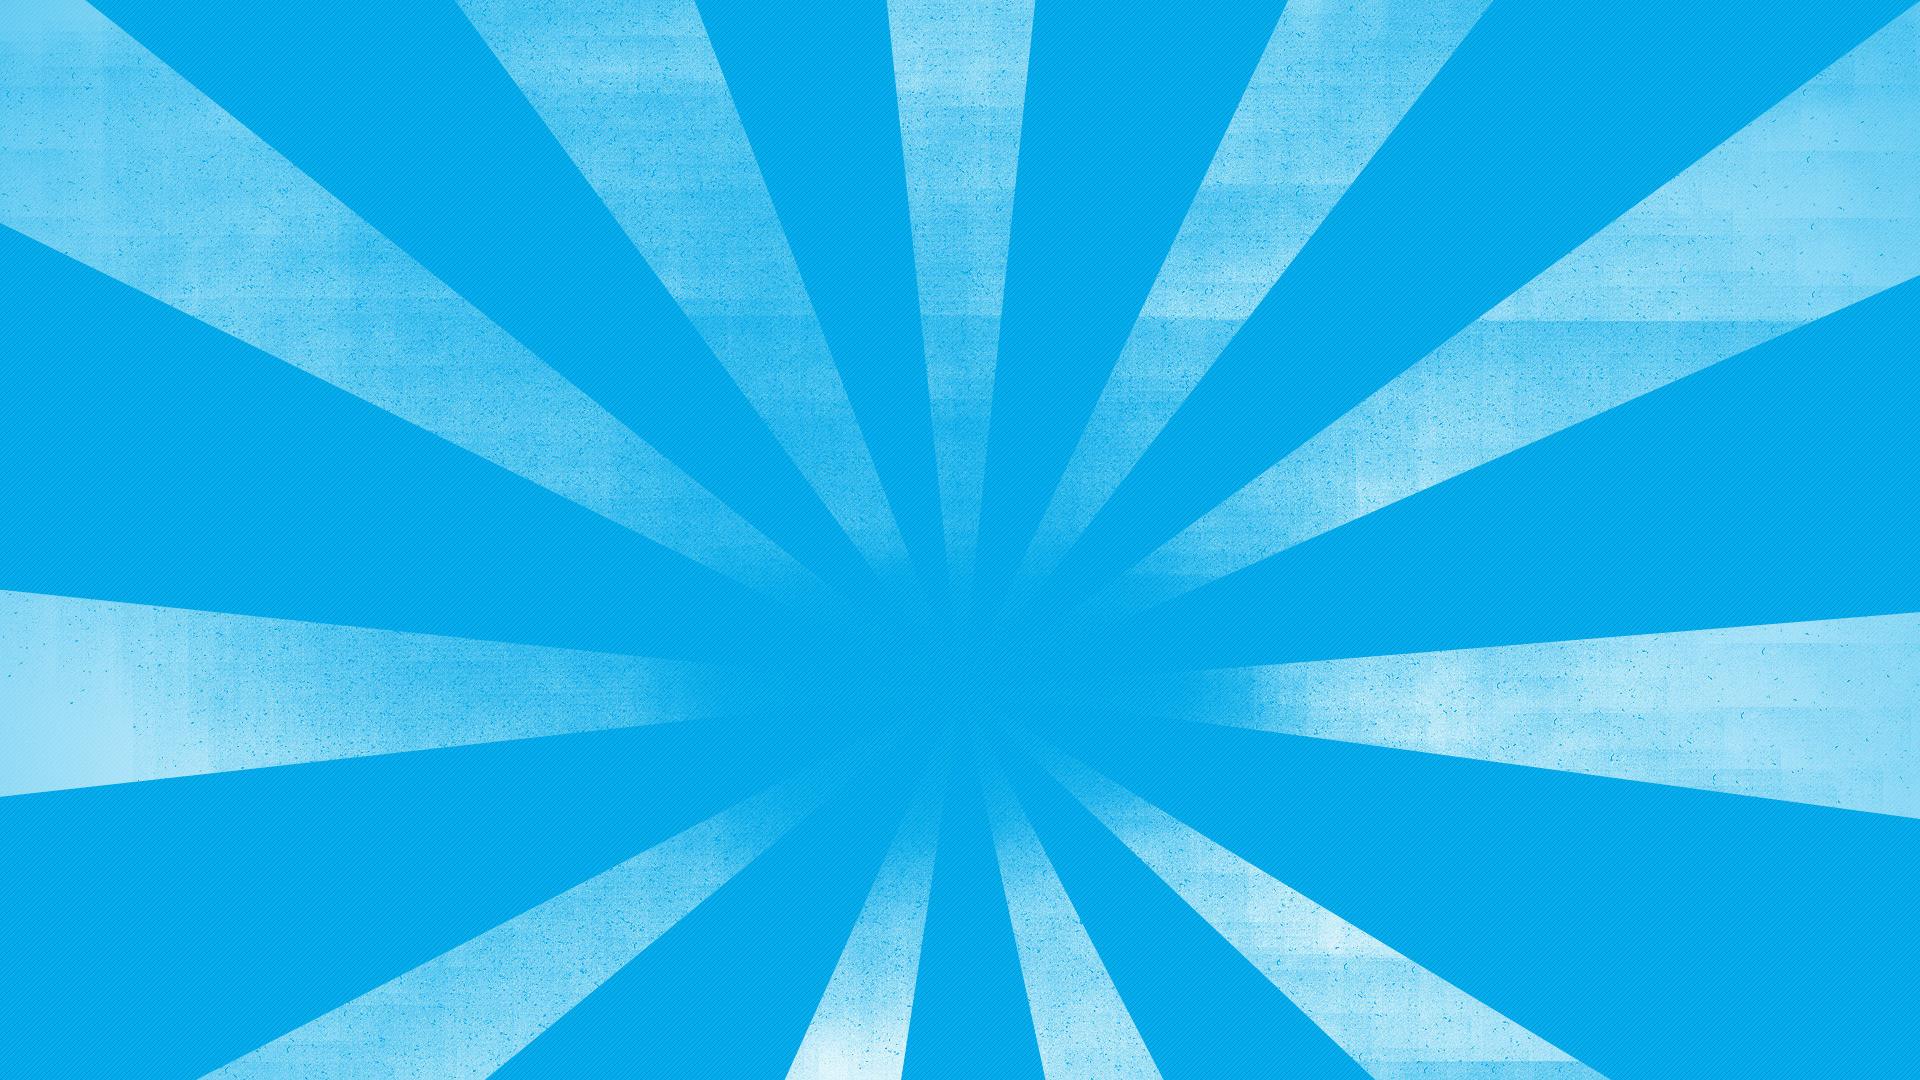 Abstract Light Blue Wallpaper Light Abstract Wallpaper